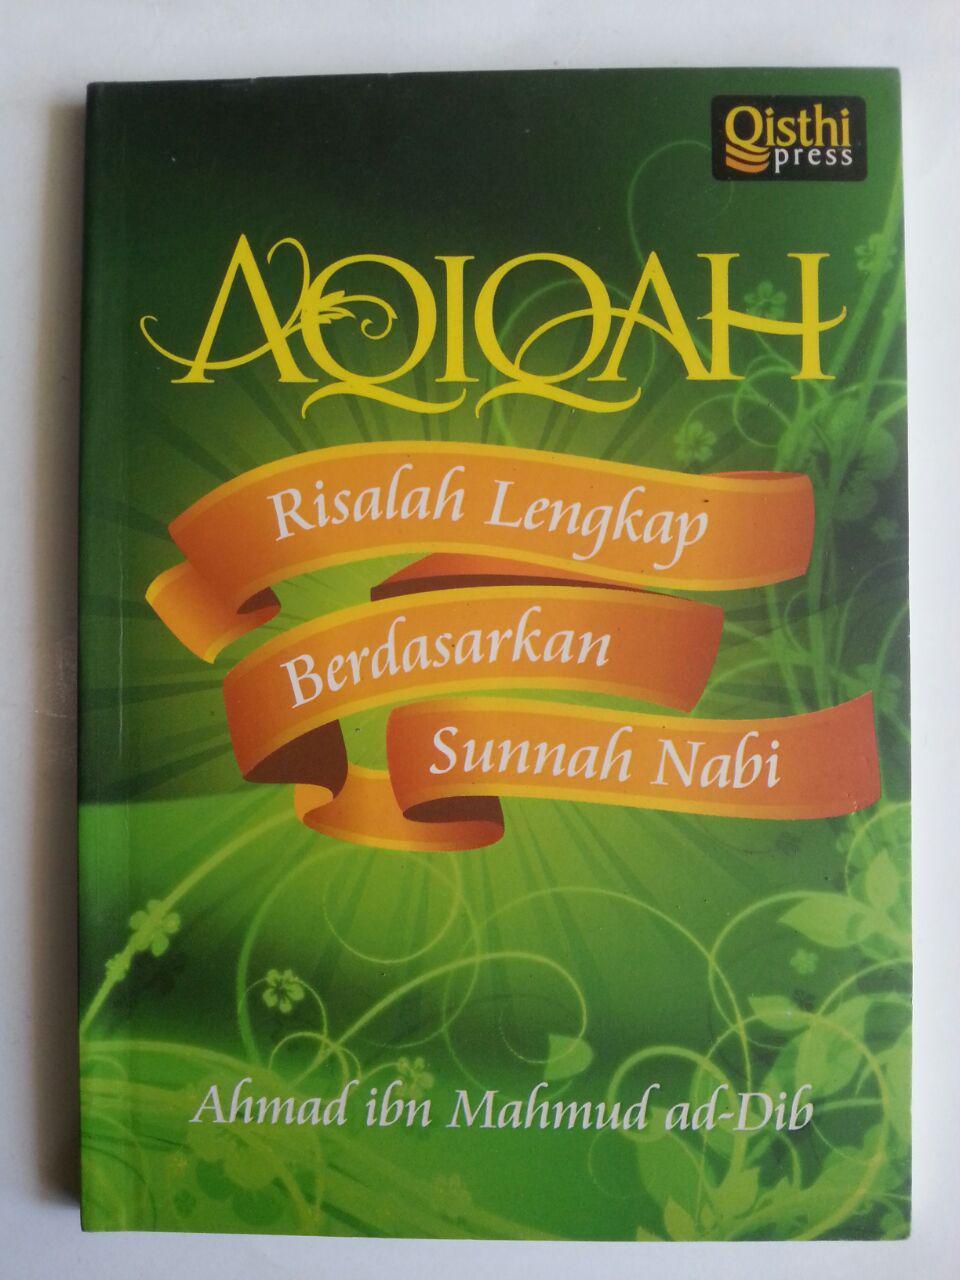 Buku Aqiqah Risalah Lengkap Berdasarkan Sunnah Nabi cover 2